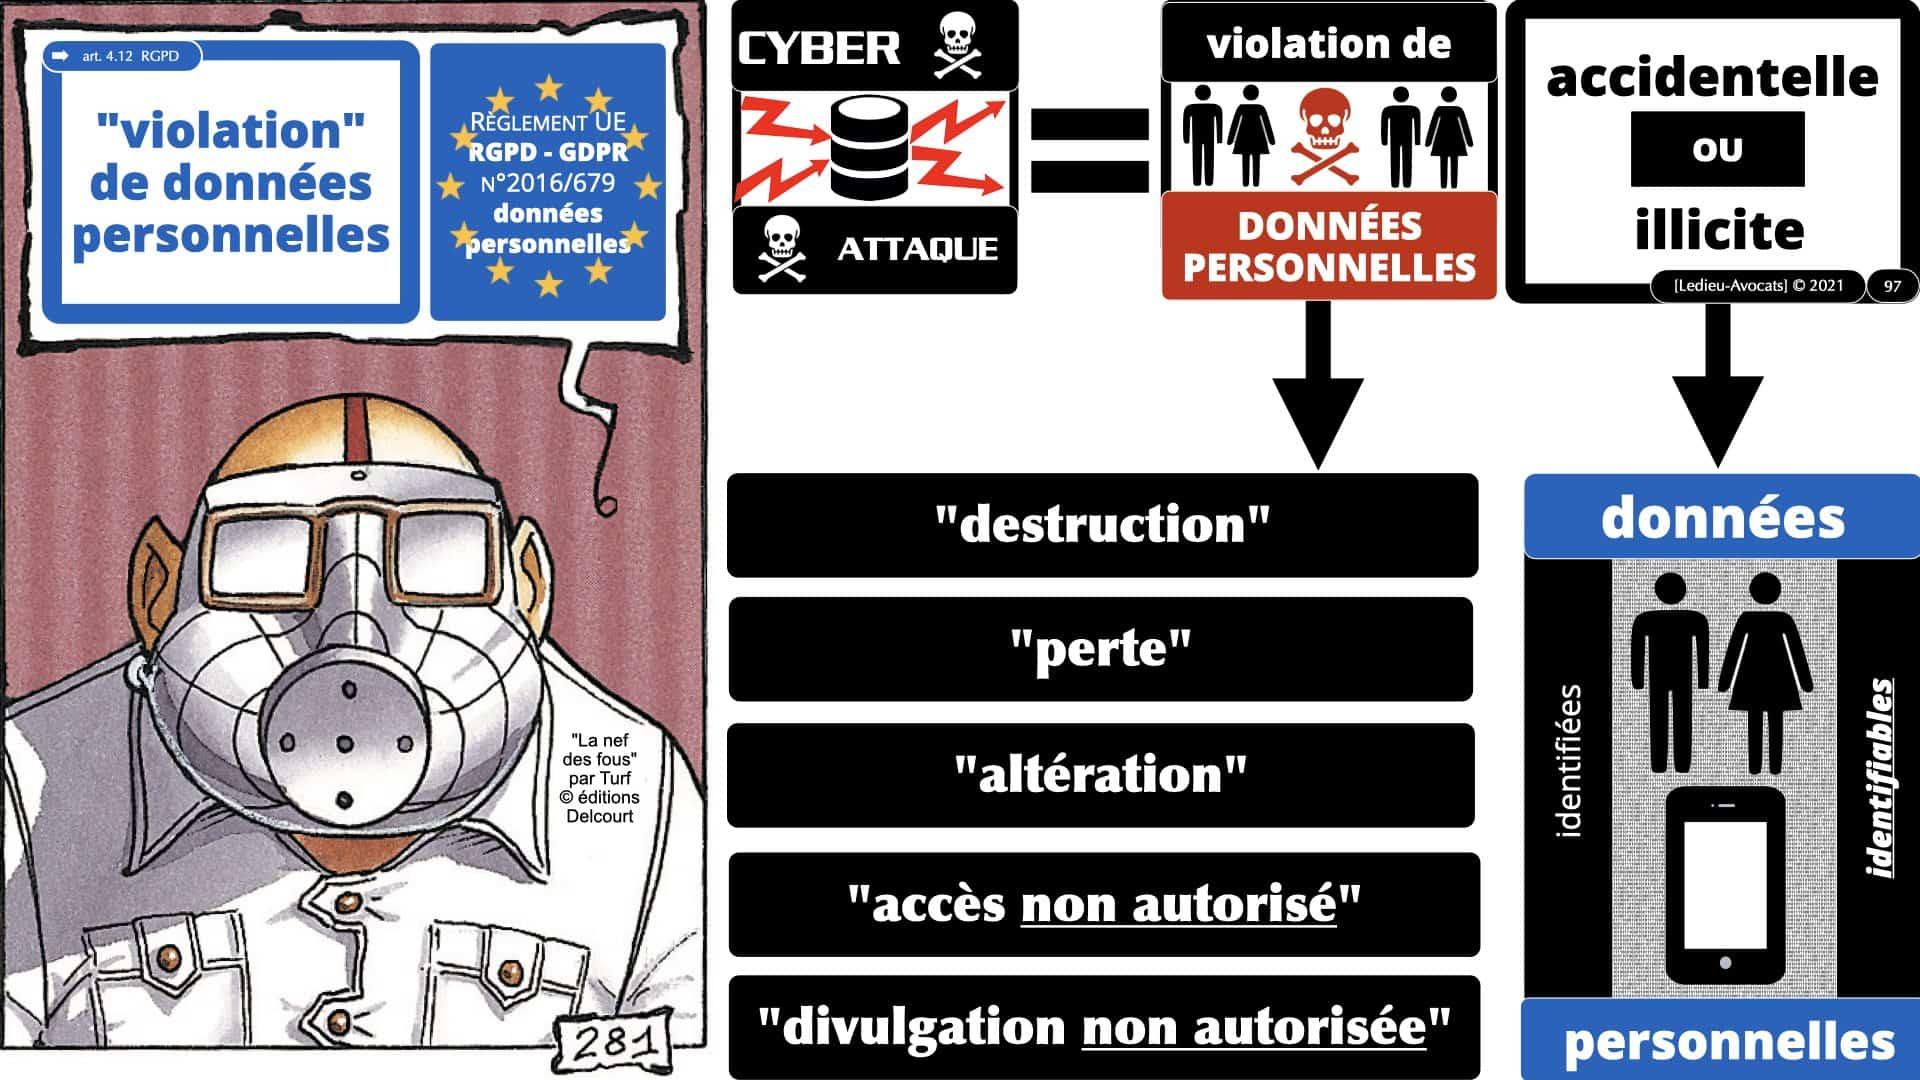 cyber attaque en 2021 historique technique juridique business